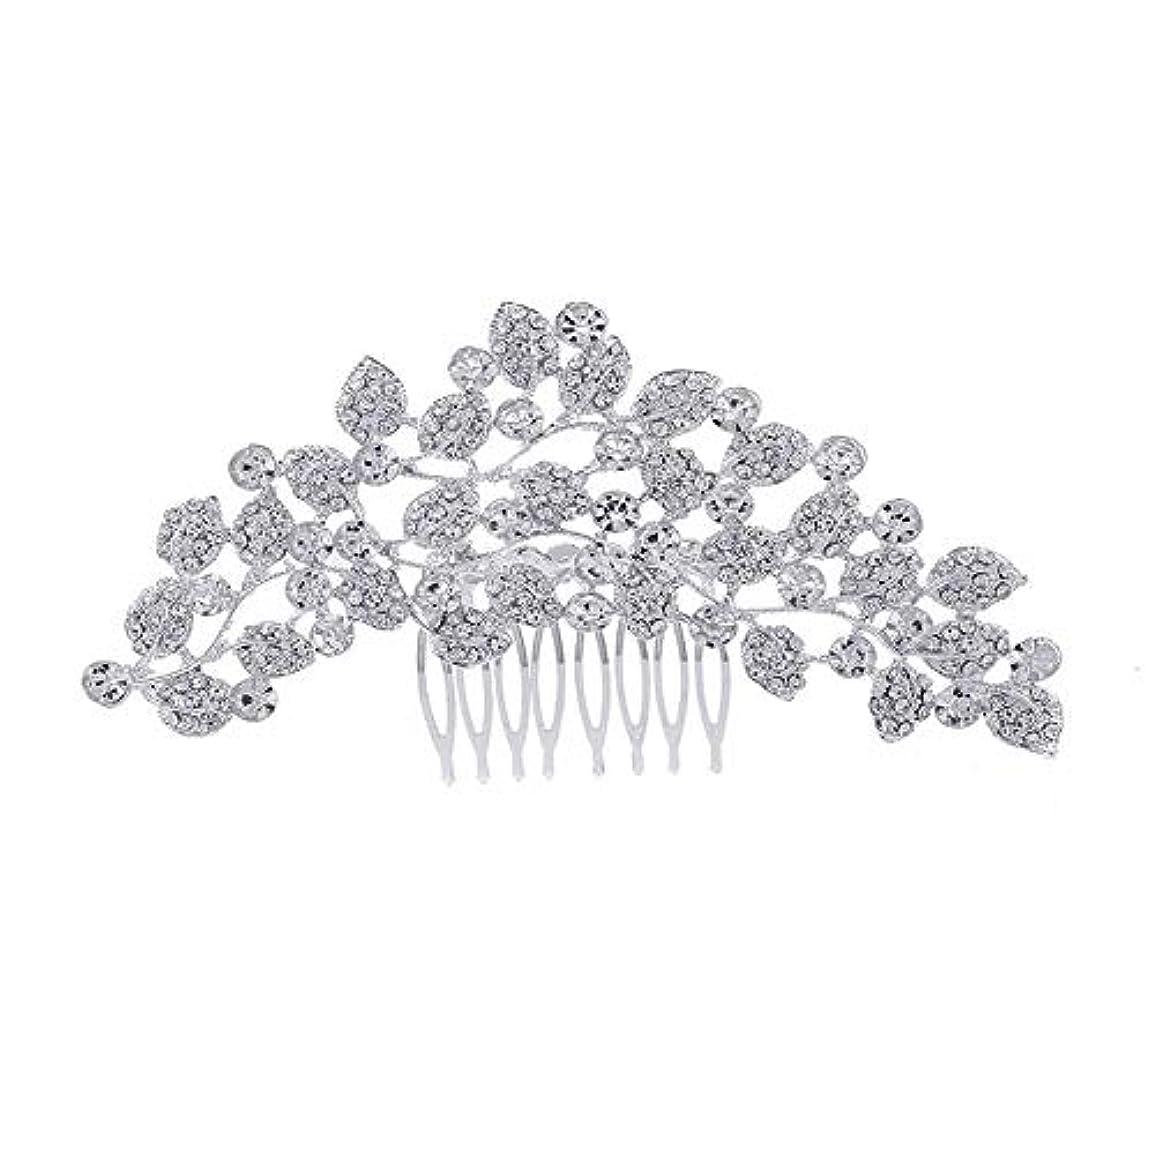 荒涼としたするだろう締める髪の櫛、櫛、ブライダル髪、櫛、髪の櫛、ラインストーンの櫛、葉の髪の櫛、結婚式の髪の櫛